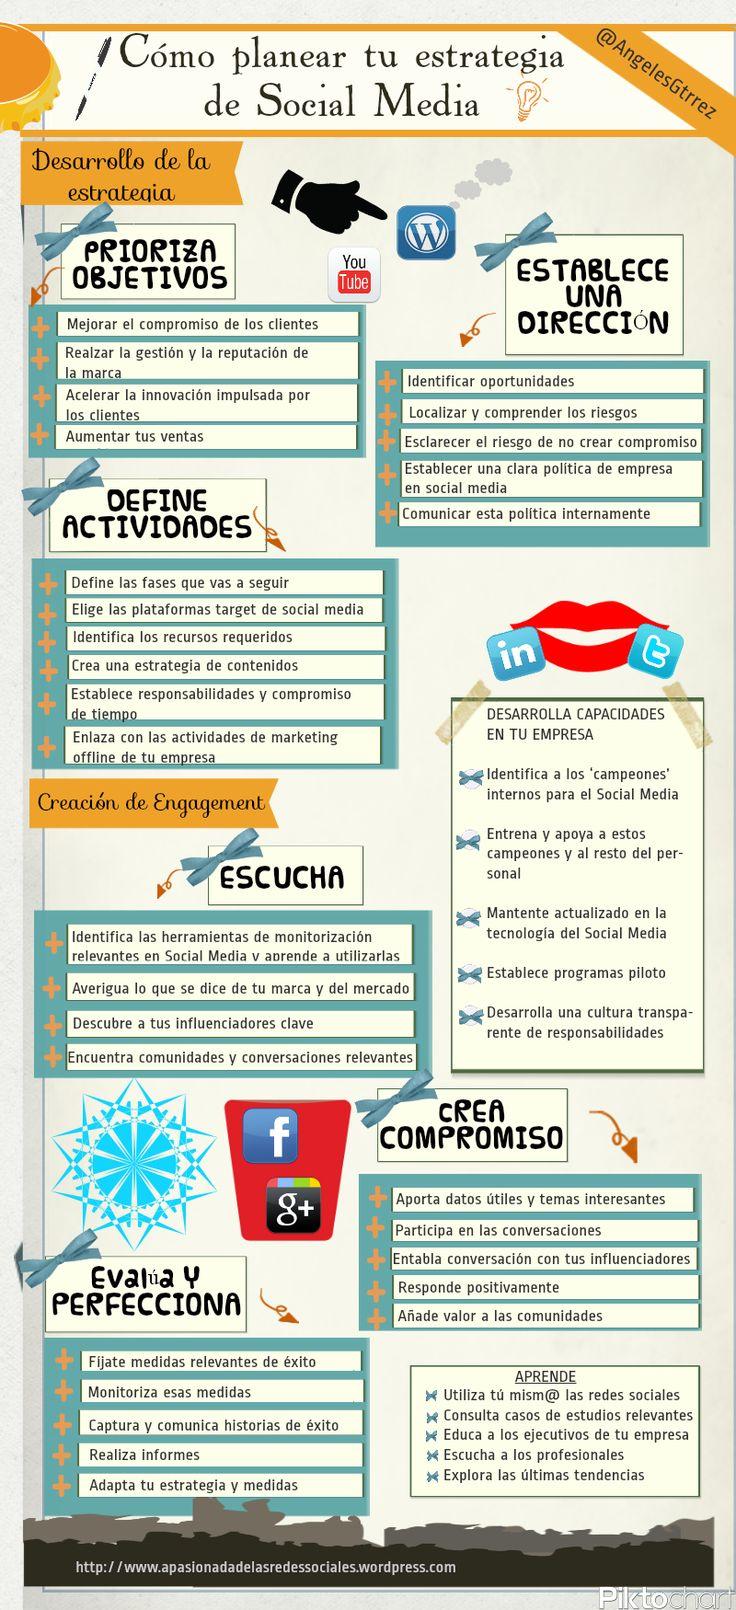 Estrategia Social Media para bloggers